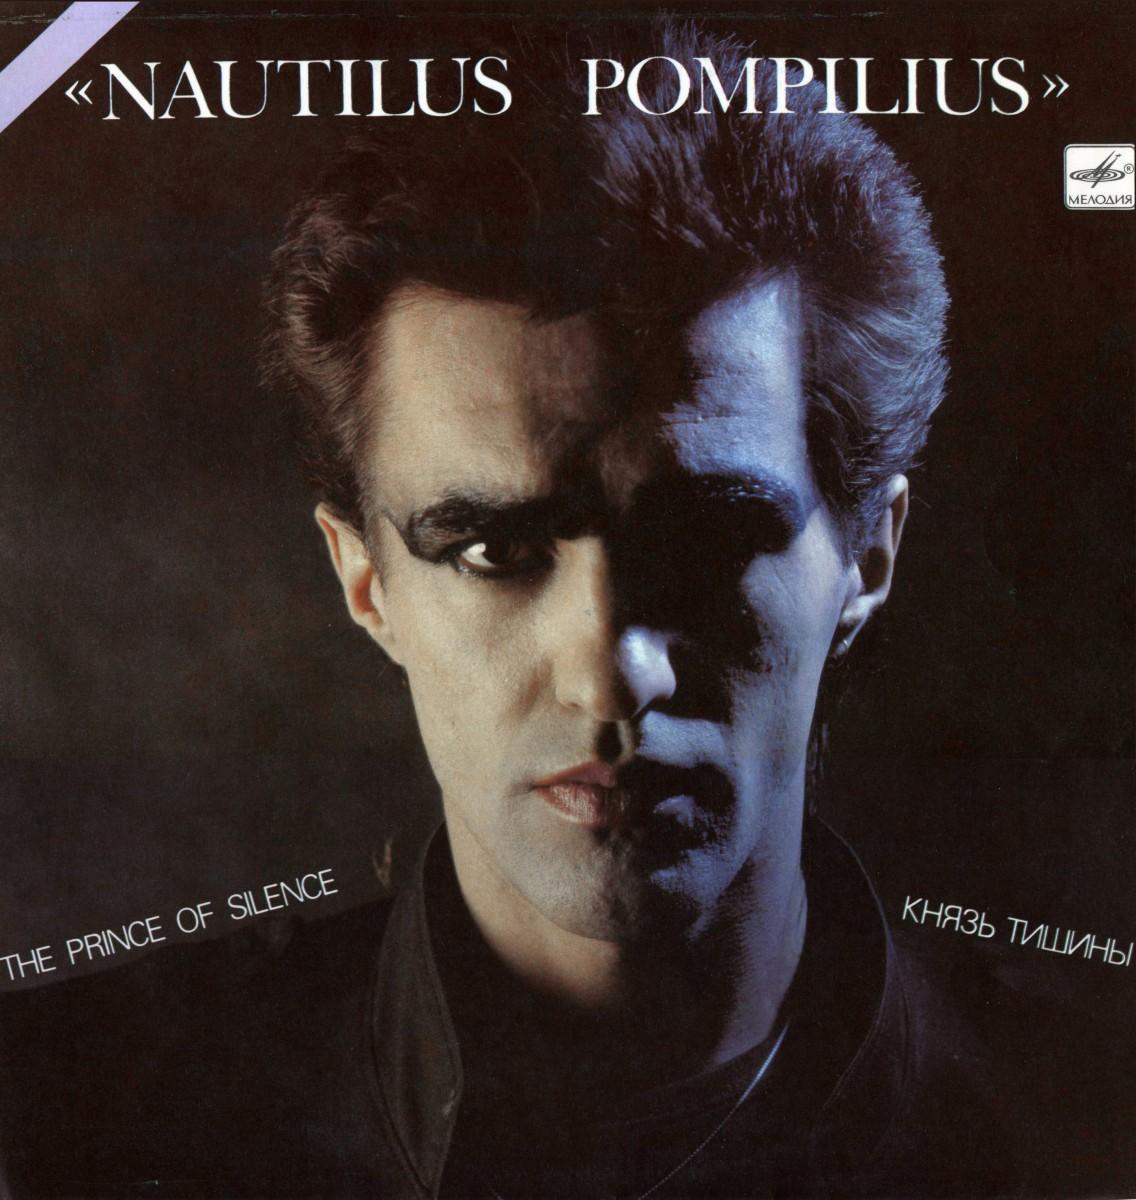 Nautilus Pompilius новая волна, князь тишины